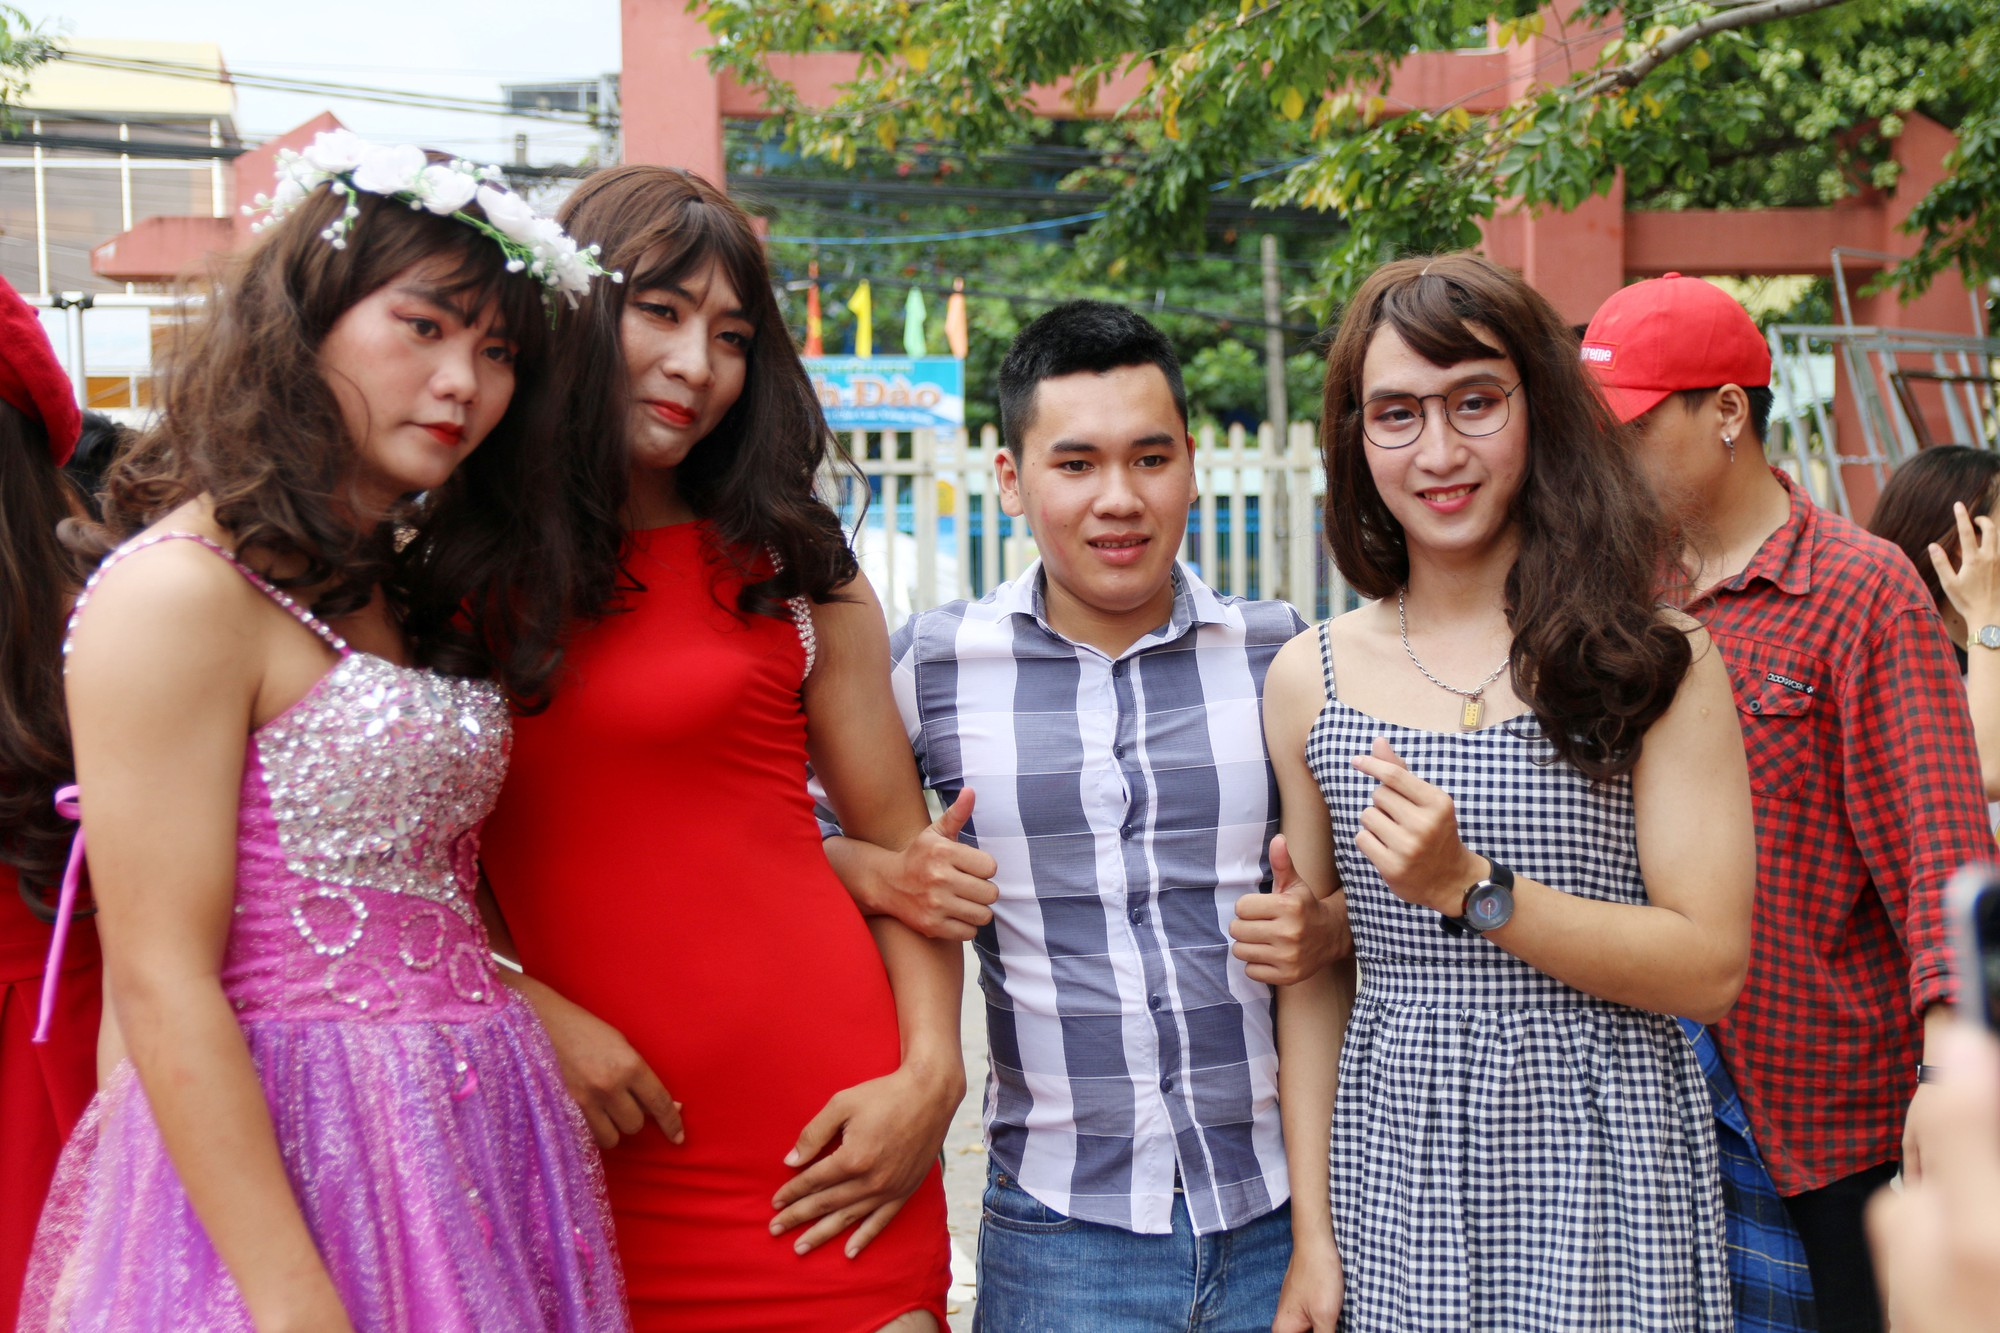 Cuộc thi Miss nam sinh khiến các cô gái thi nhau than trời xấu hổ vì nhan sắc của mình còn thua xa các bạn nam giả gái! - Ảnh 15.